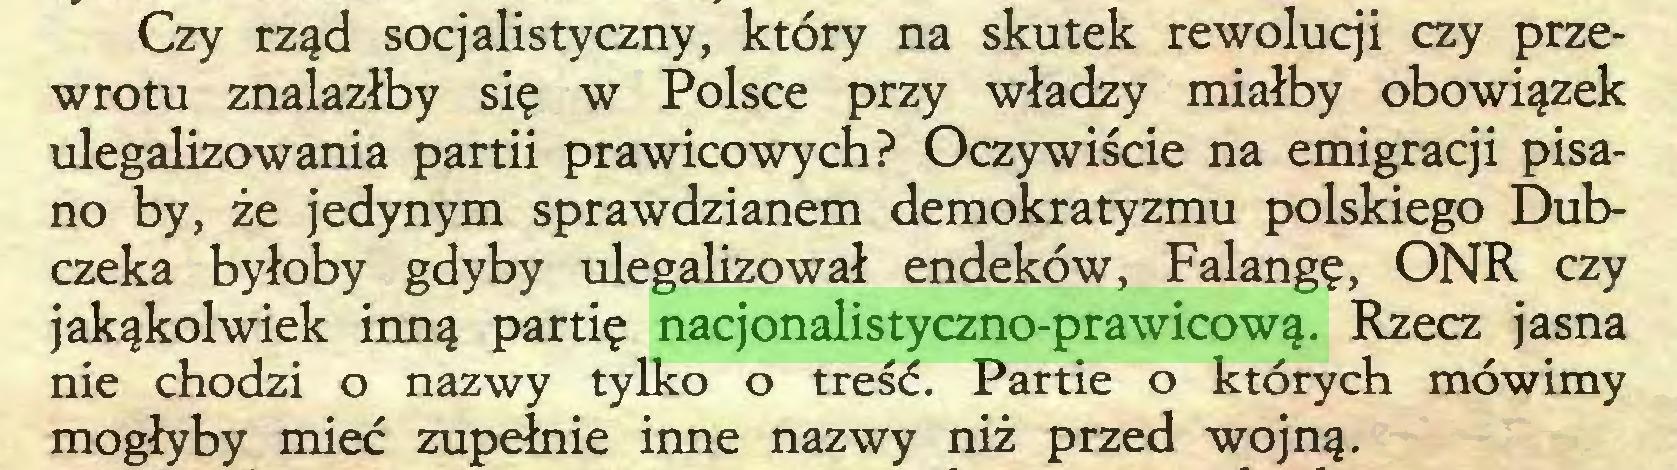 (...) Czy rząd socjalistyczny, który na skutek rewolucji czy przewrotu znalazłby się w Polsce przy władzy miałby obowiązek ulegalizowania partii prawicowych? Oczywiście na emigracji pisano by, że jedynym sprawdzianem demokratyzmu polskiego Dubczeka byłoby gdyby ulegalizował endeków, Falangę, ONR czy jakąkolwiek inną partię nacjonalistyczno-prawicową. Rzecz jasna nie chodzi o nazwy tylko o treść. Partie o których mówimy mogłyby mieć zupełnie inne nazwy niż przed wojną...